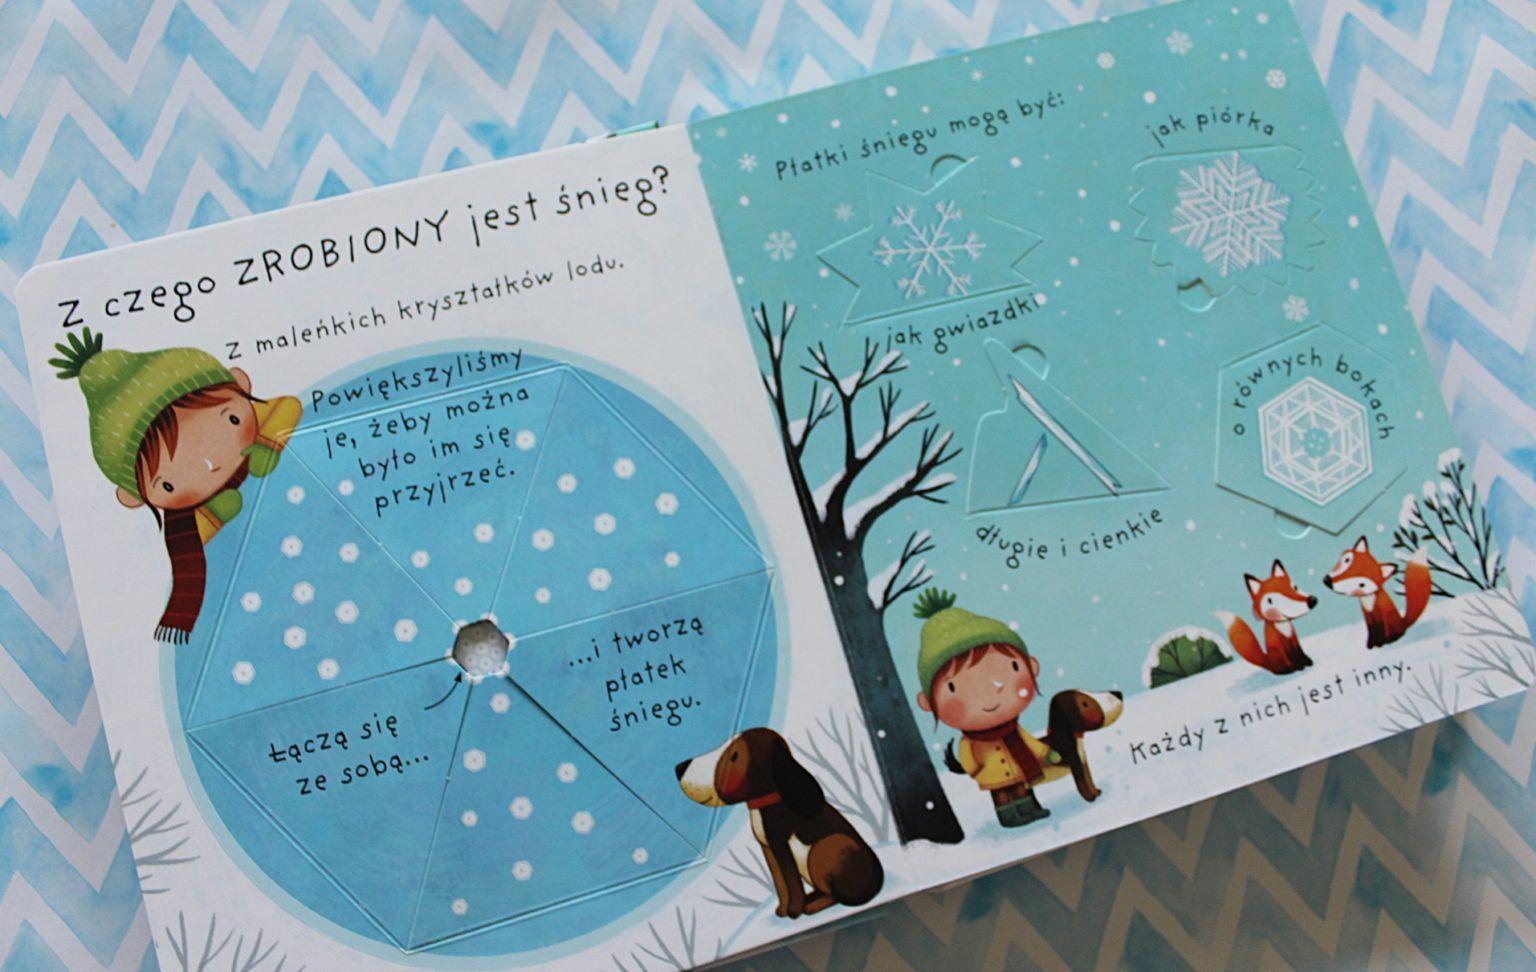 Moje Pierwsze Pytania Co To Jest Snieg Co To Jest Ksiezyc Co To Sa Drobnoustroje Book Cover Books Cover